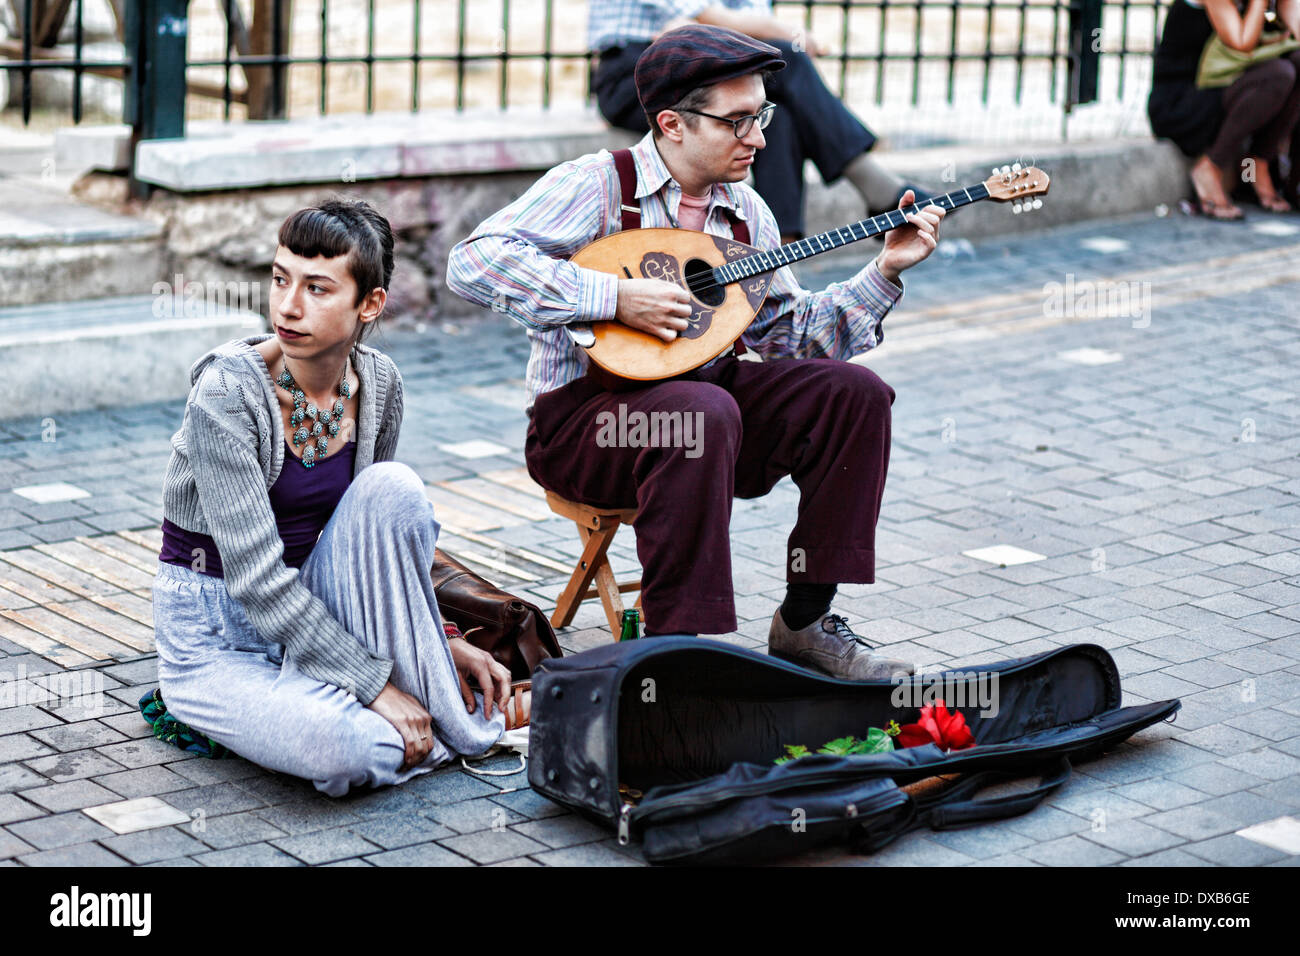 Bouzouki musiciens jouant dans la rue d'Athènes, Grèce Photo Stock